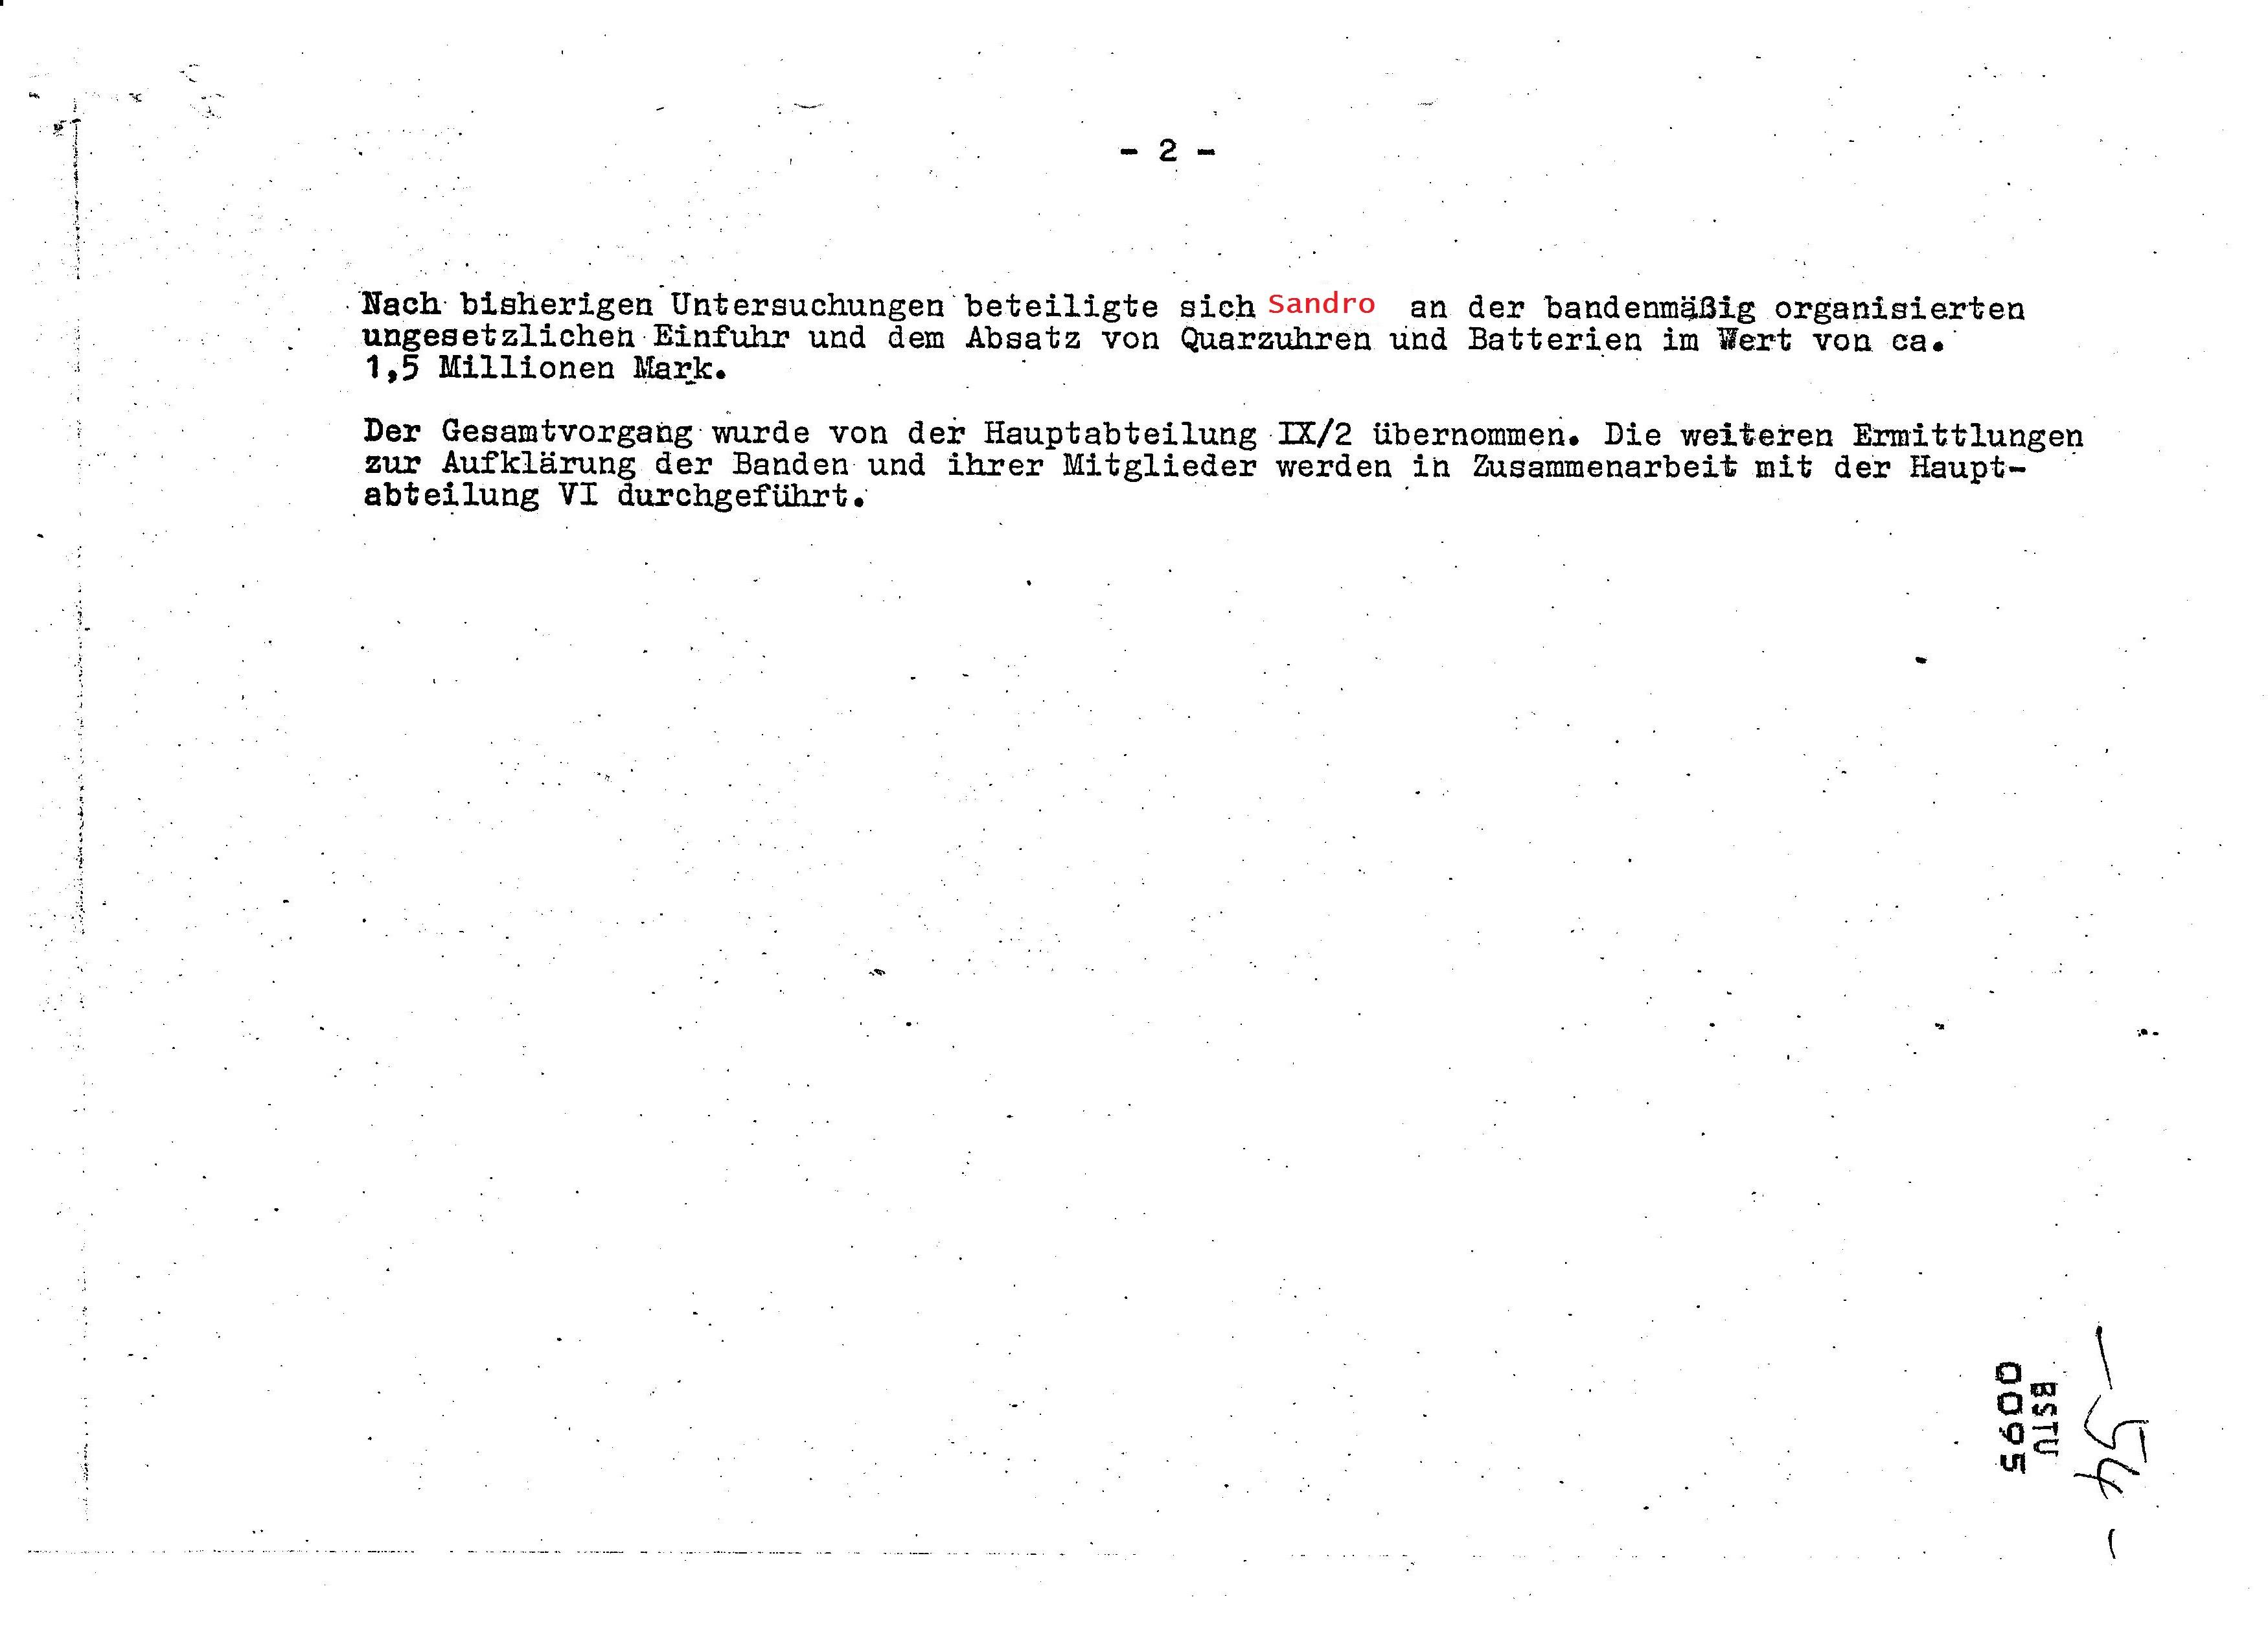 Der Gesamtvorgang wurde von der Hauptabteilung IX/2 übernommen. Die weiteren Ermittlungen zur Aufklärung der Banden und ihrer Mitglieder ( nicht die verhinderung der brummenden Wirtschaftsdiversion !??)